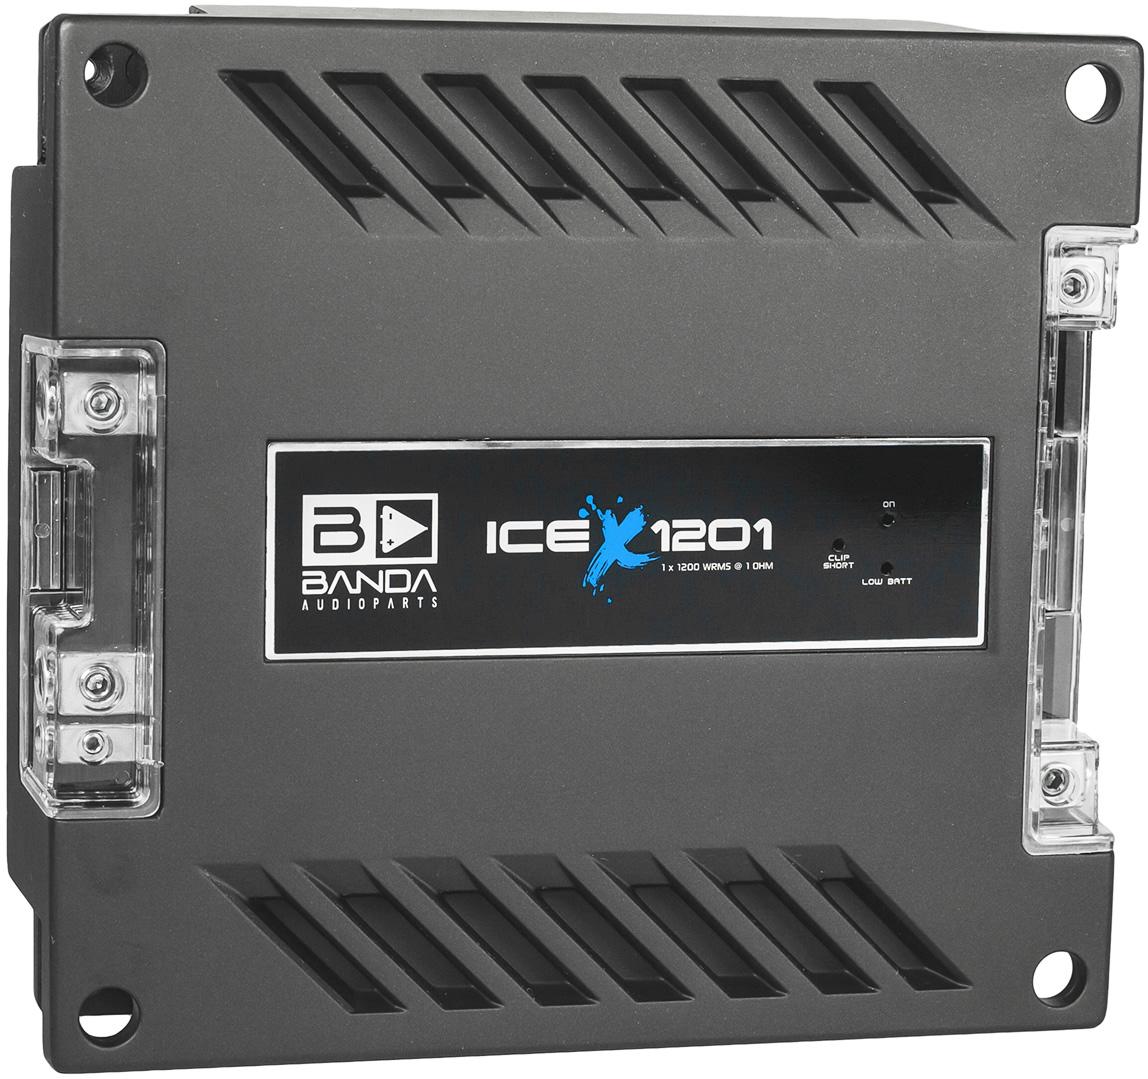 ice-x-1201-diagonal-19 ICE X